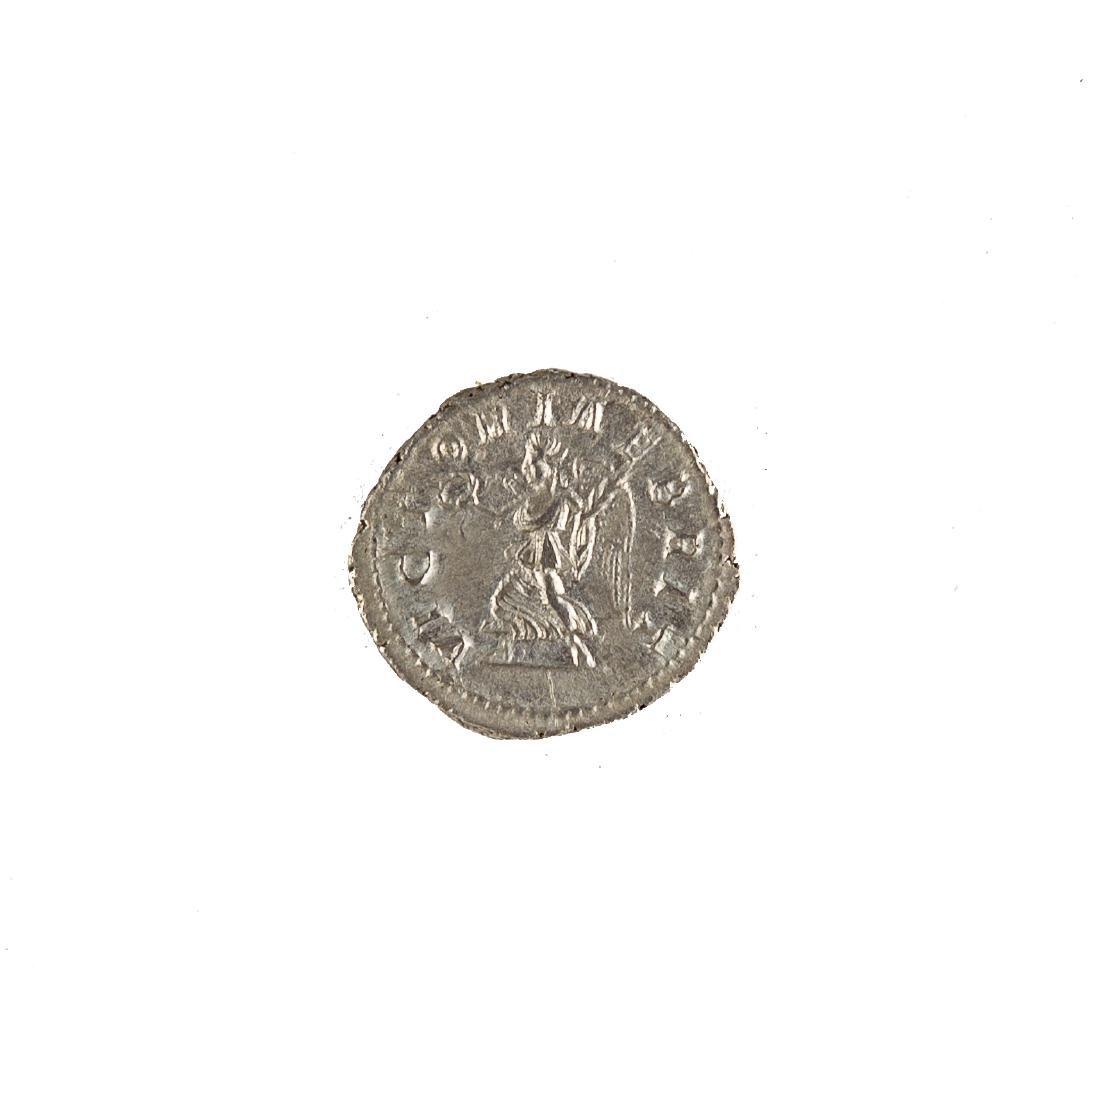 [Ancient] Caracella Silver Denarius 198-217 AD AU - 2